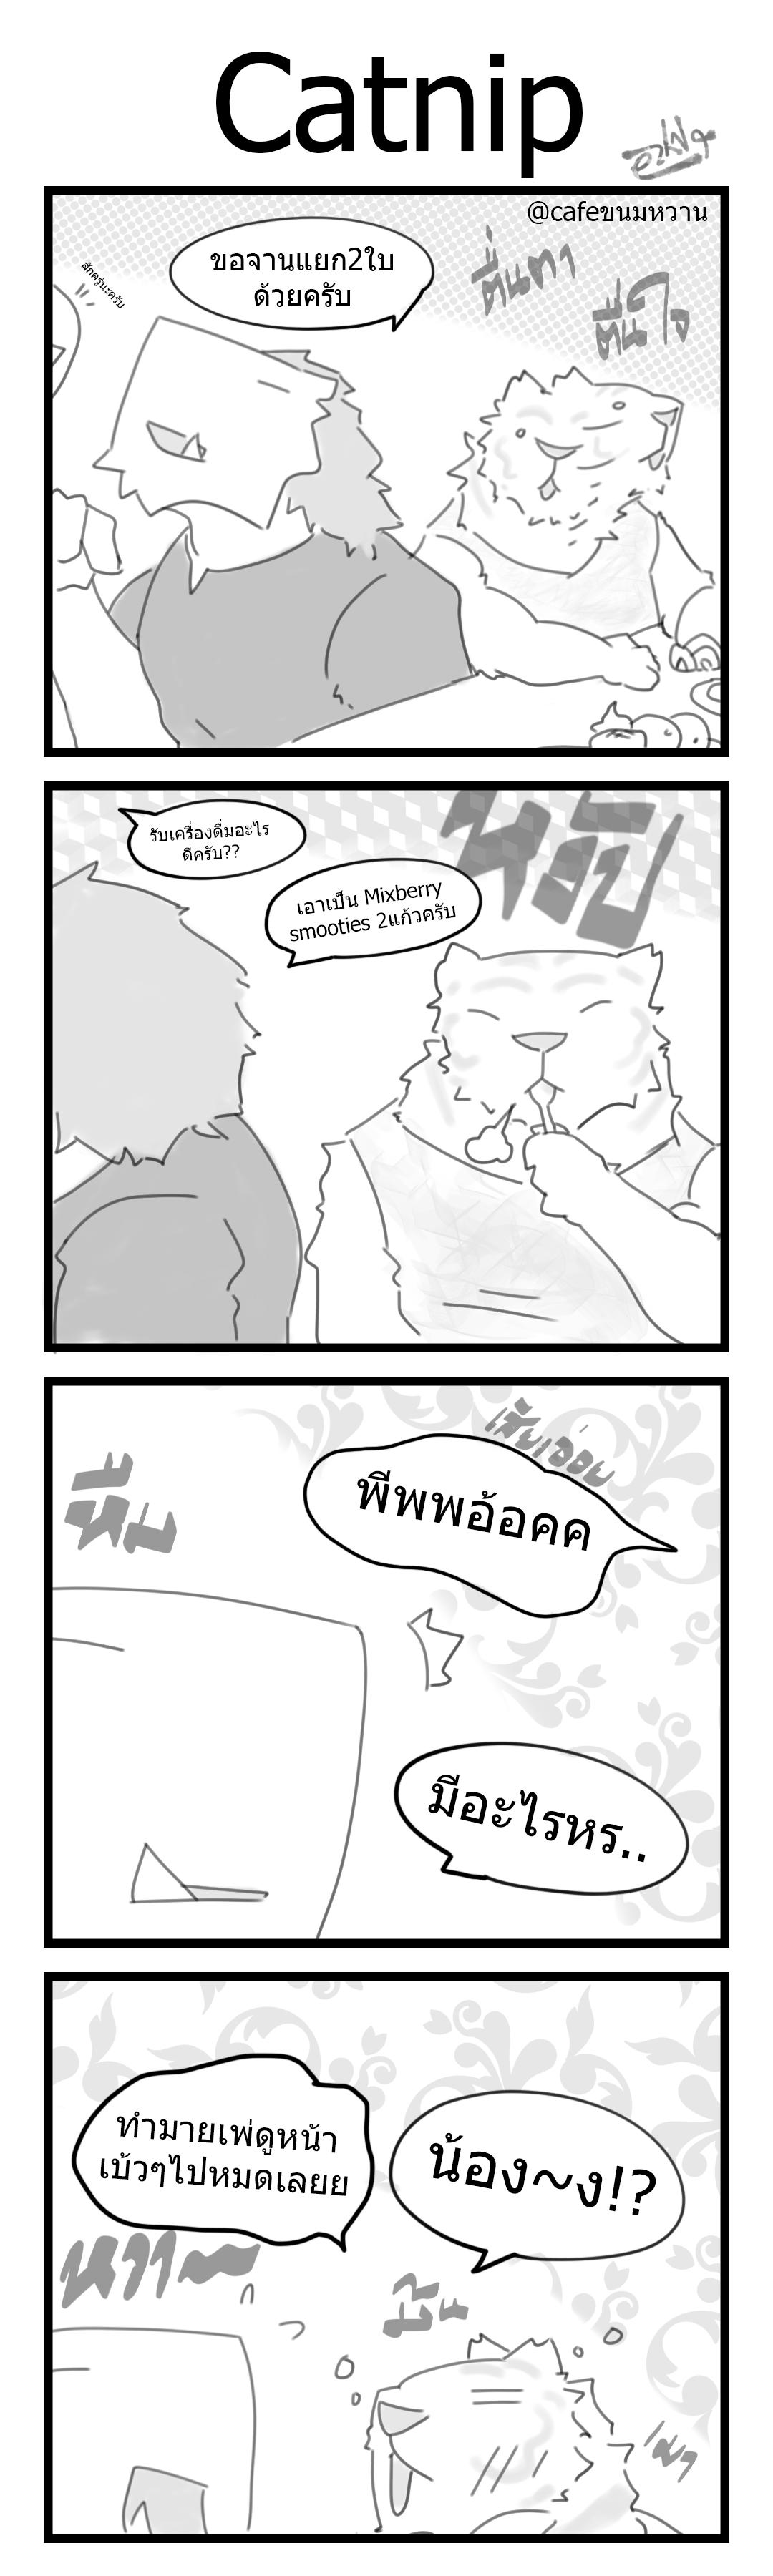 91 - Catnip